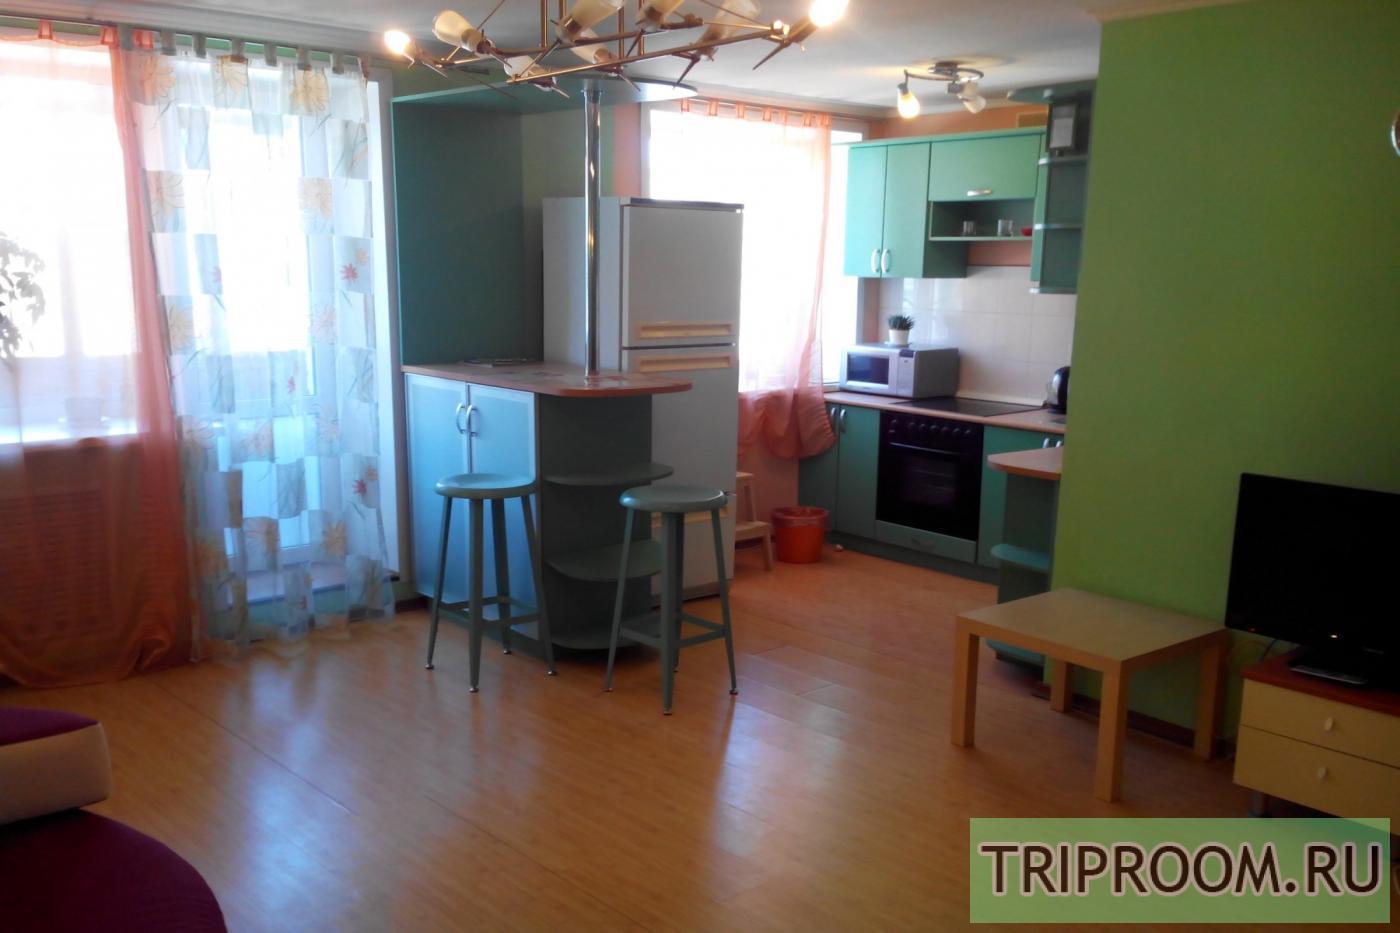 1-комнатная квартира посуточно (вариант № 8940), ул. Советская улица, фото № 19